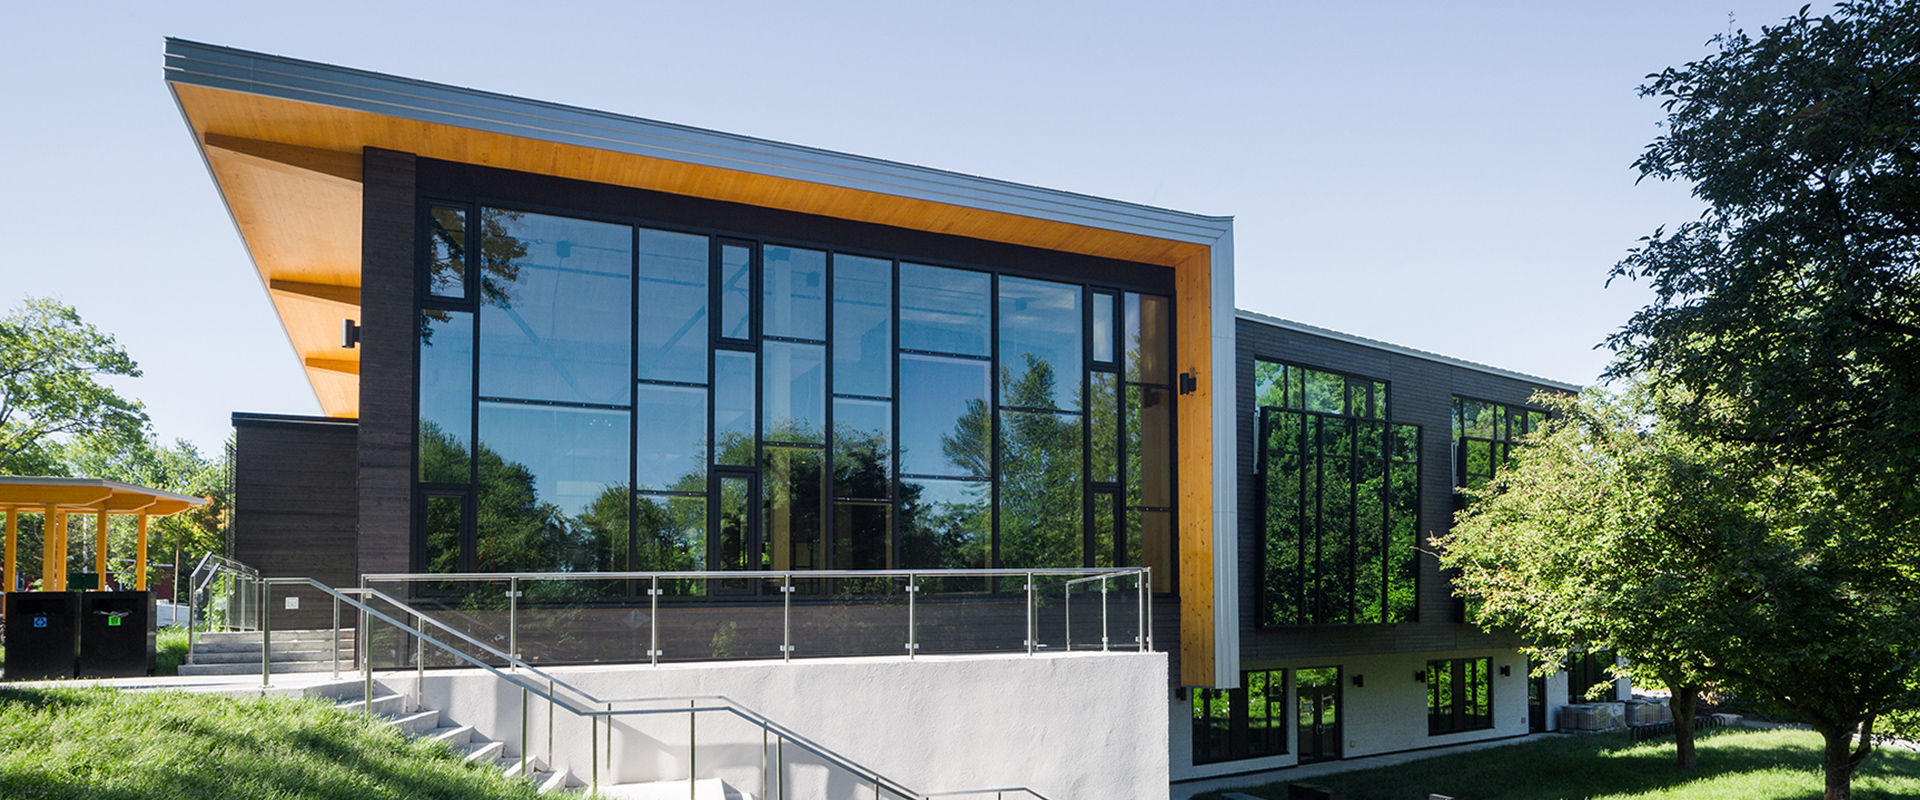 Pavillon d'accueil du parc Rivière-des-Mille-Îles